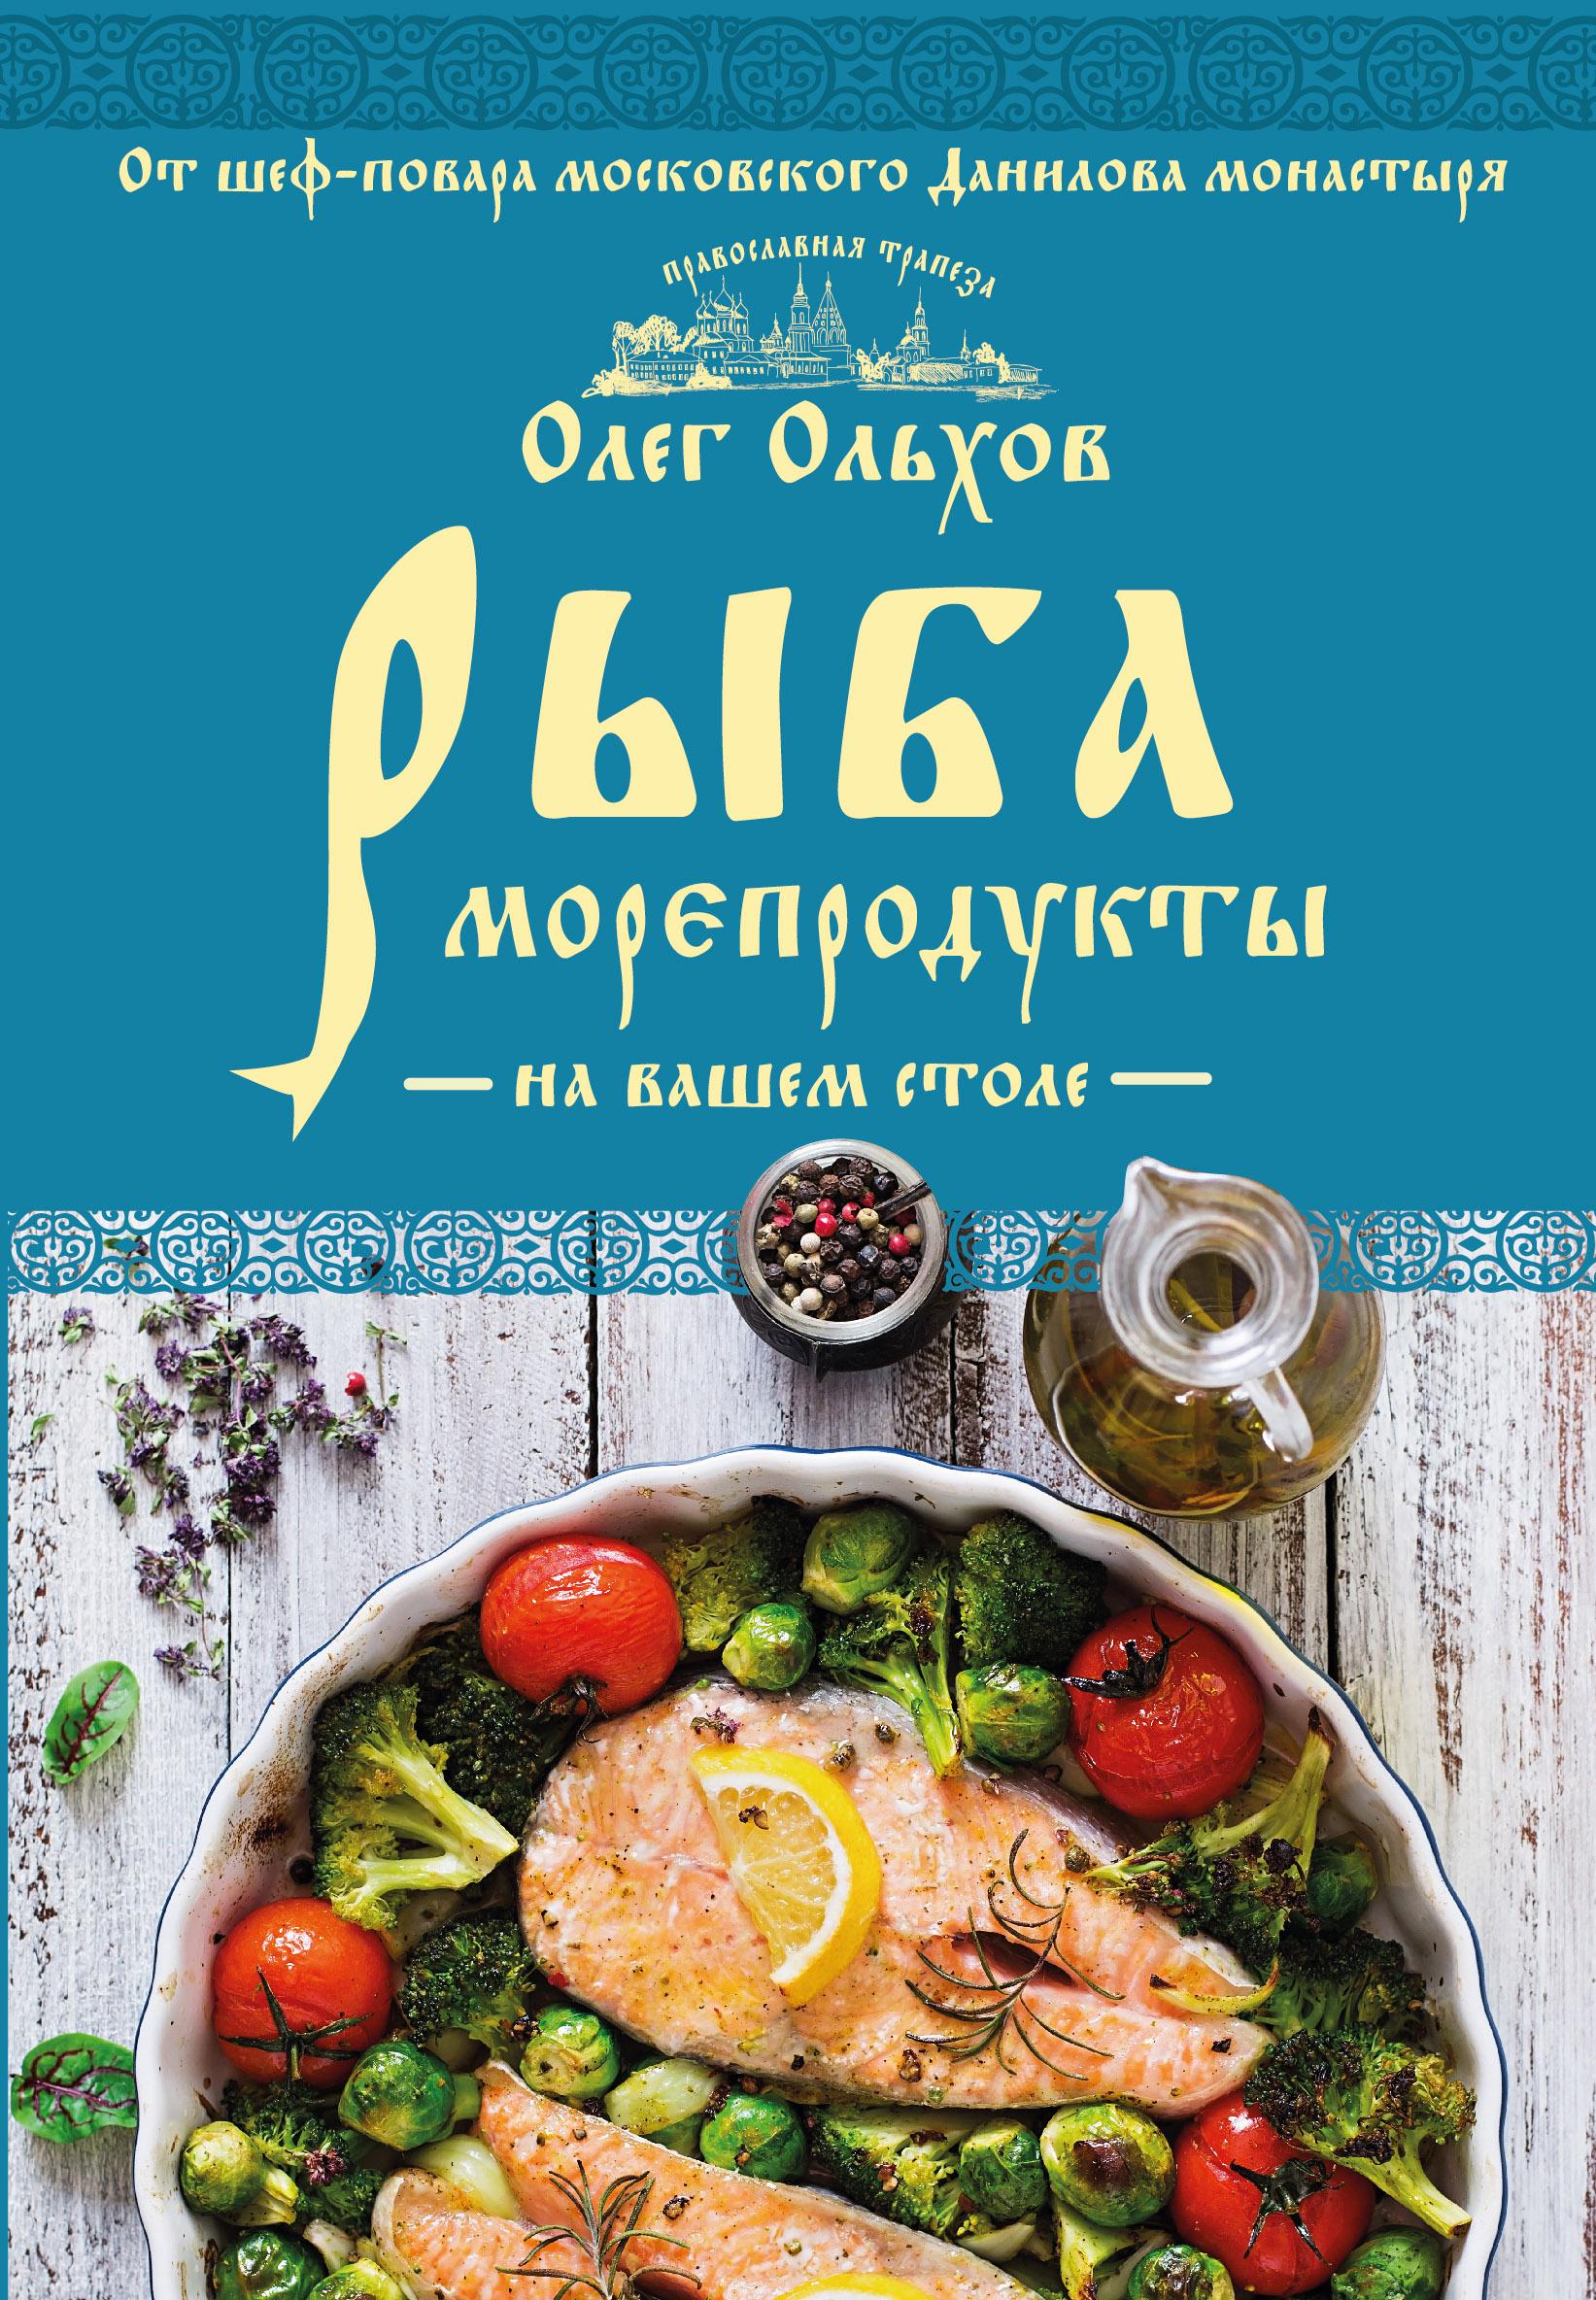 Ольхов Олег Рыба. Морепродукты на вашем столе. Салаты, закуски, супы, второе плотникова т такие вкусные салаты…